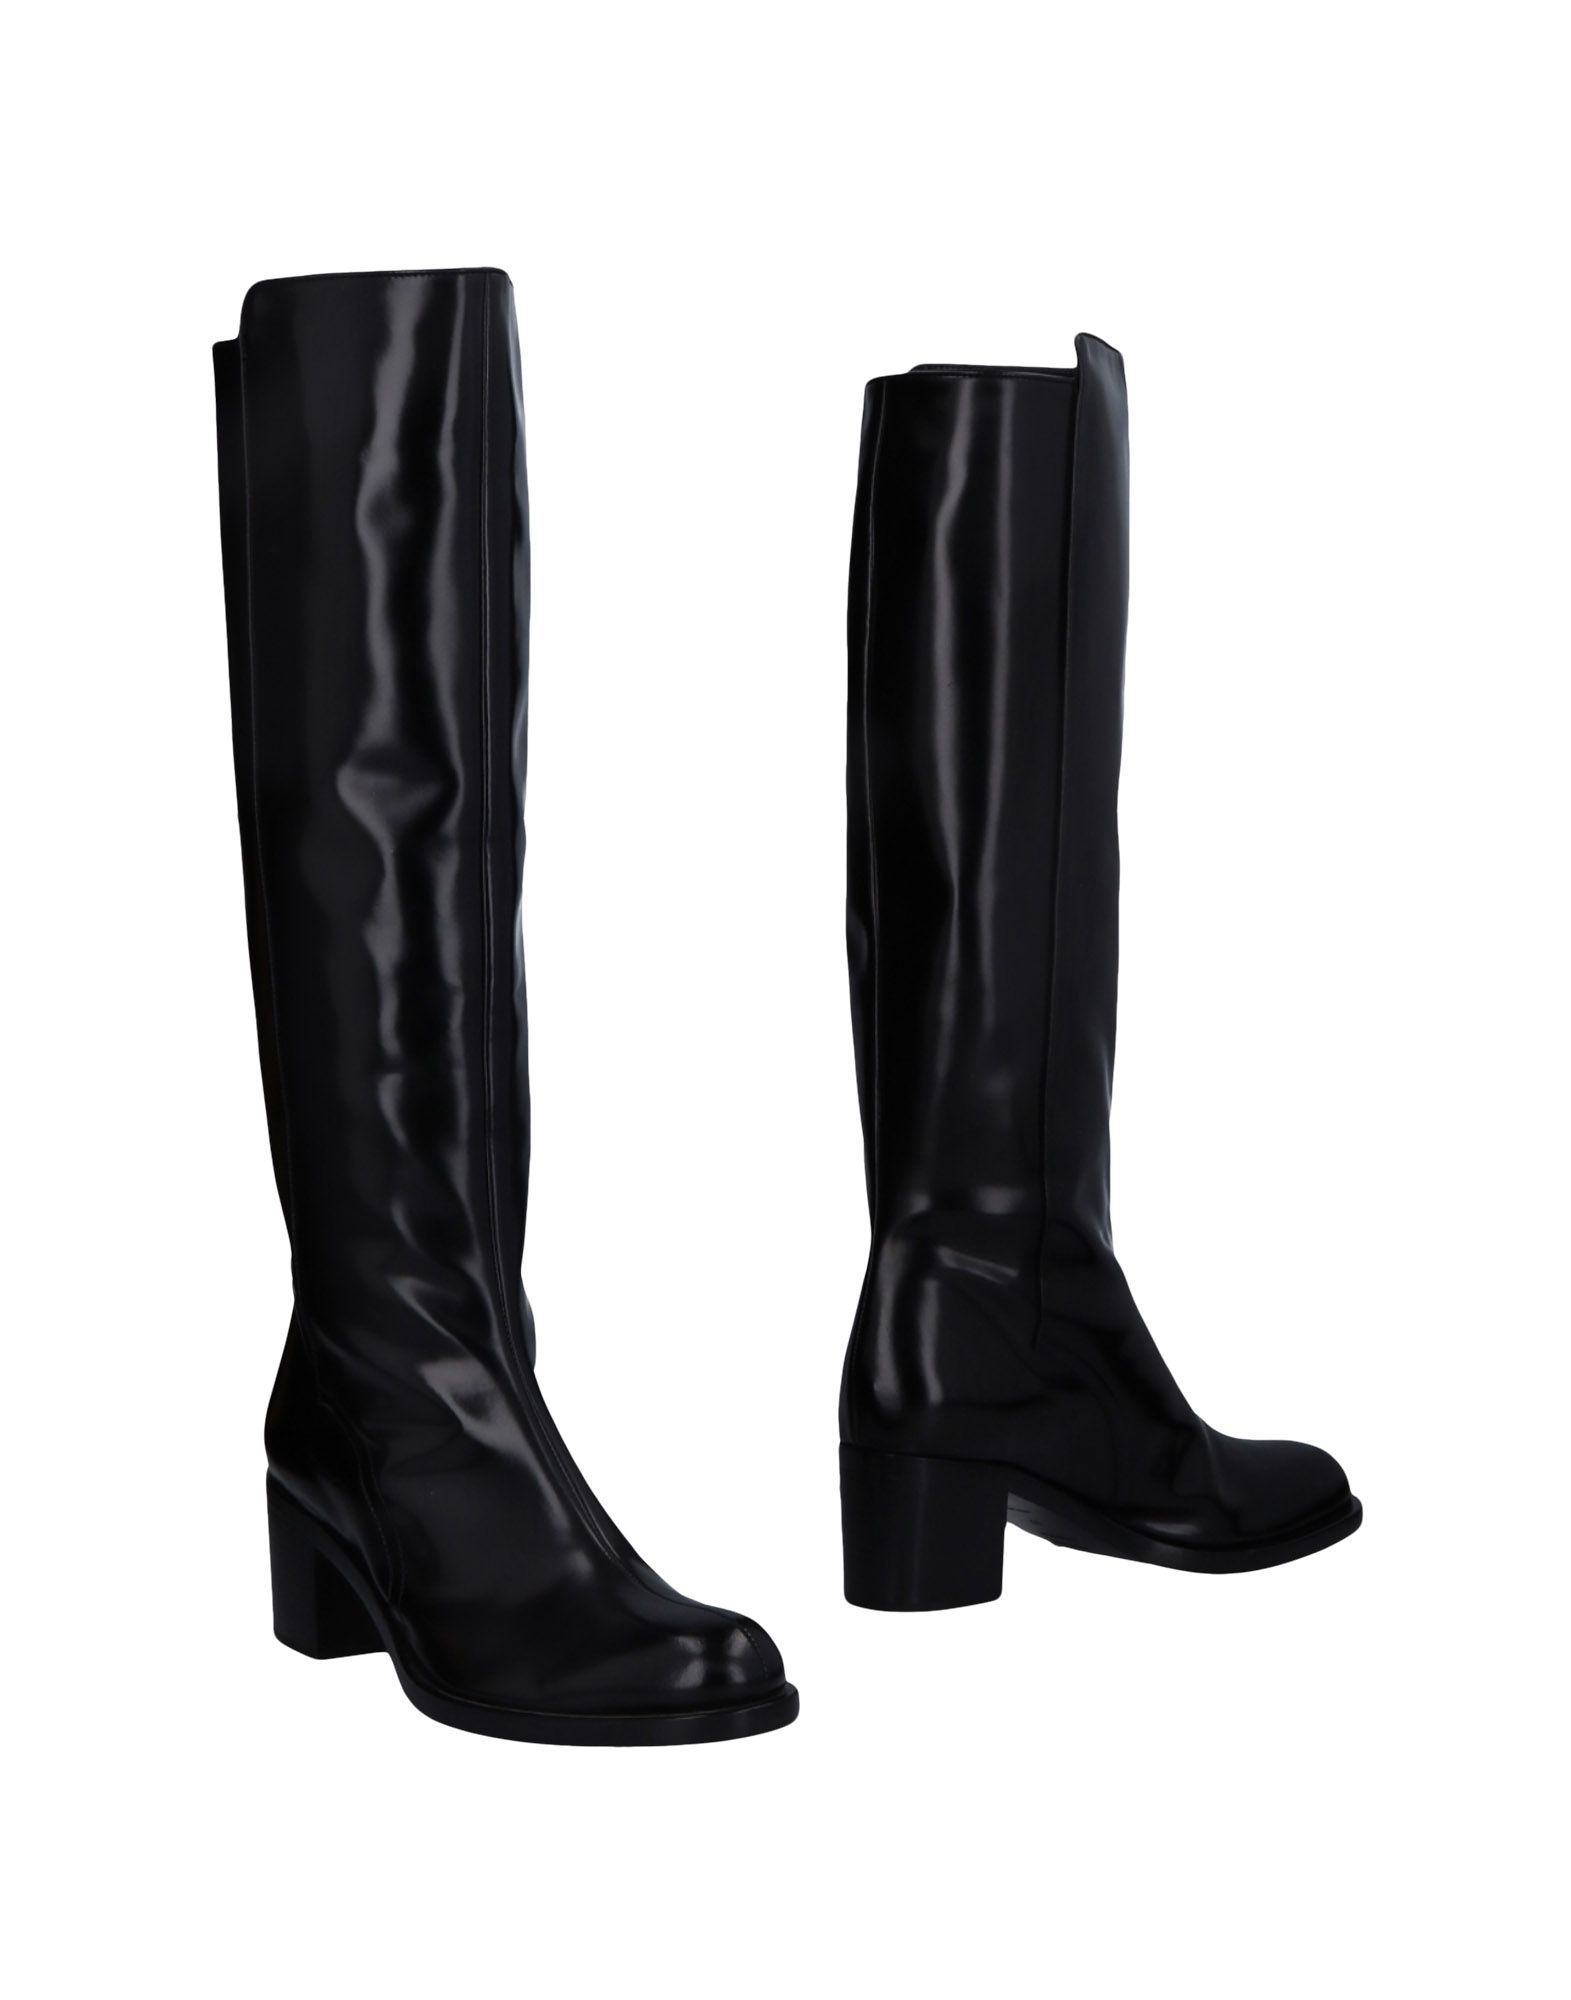 Proenza Schouler Stiefel Schuhe Damen  11464111UI Neue Schuhe Stiefel 085b95